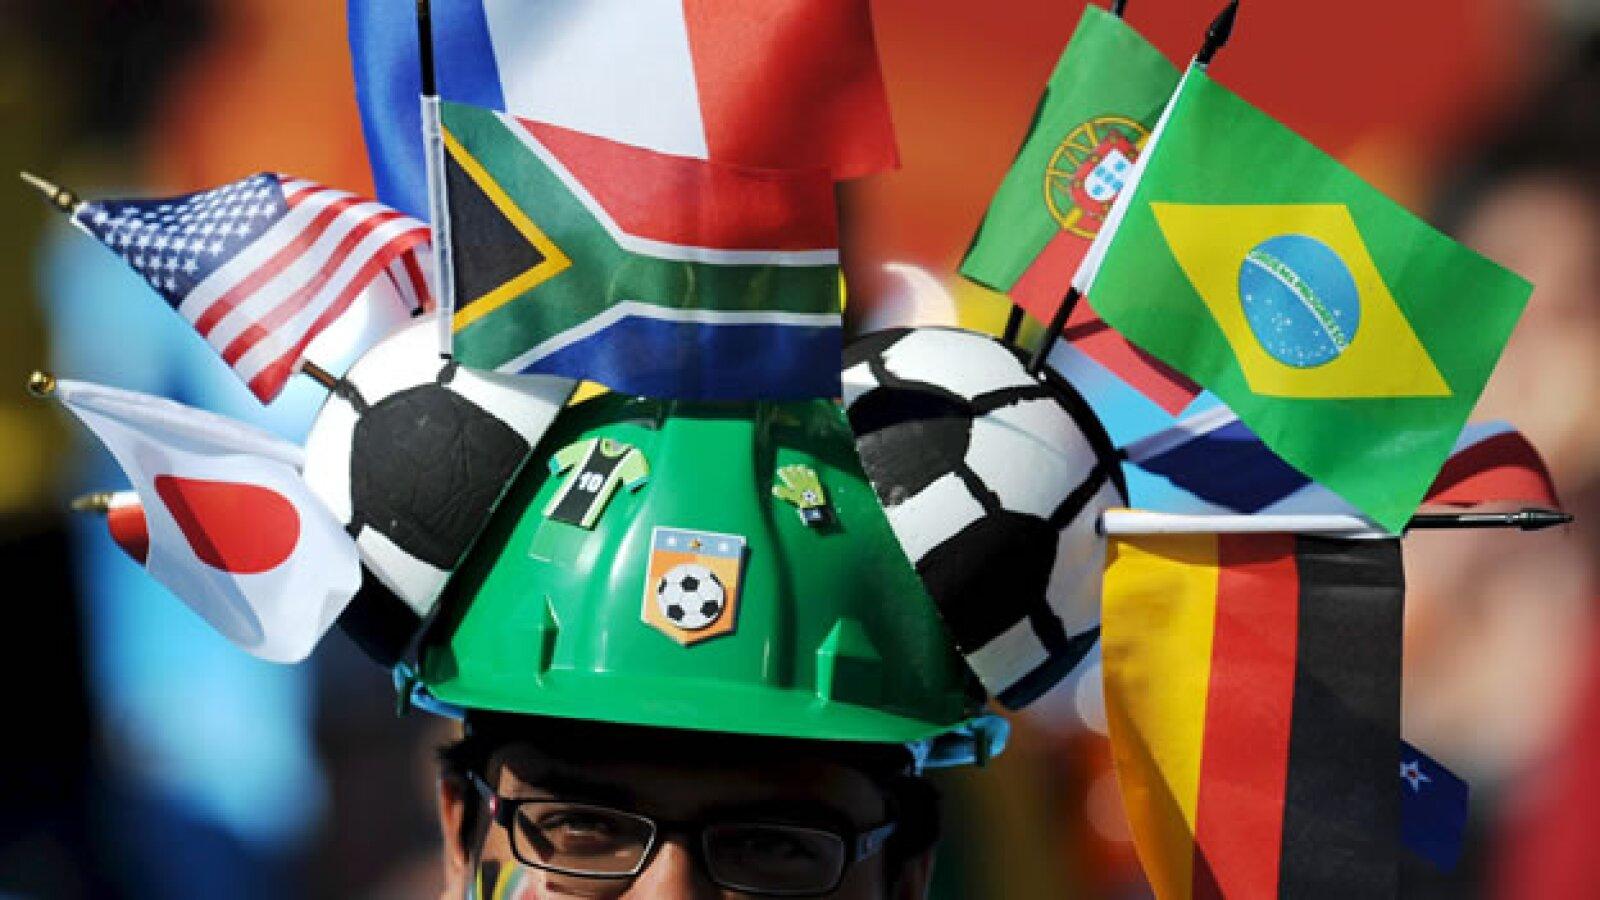 Aficionado en el Mundial de Sudafrica